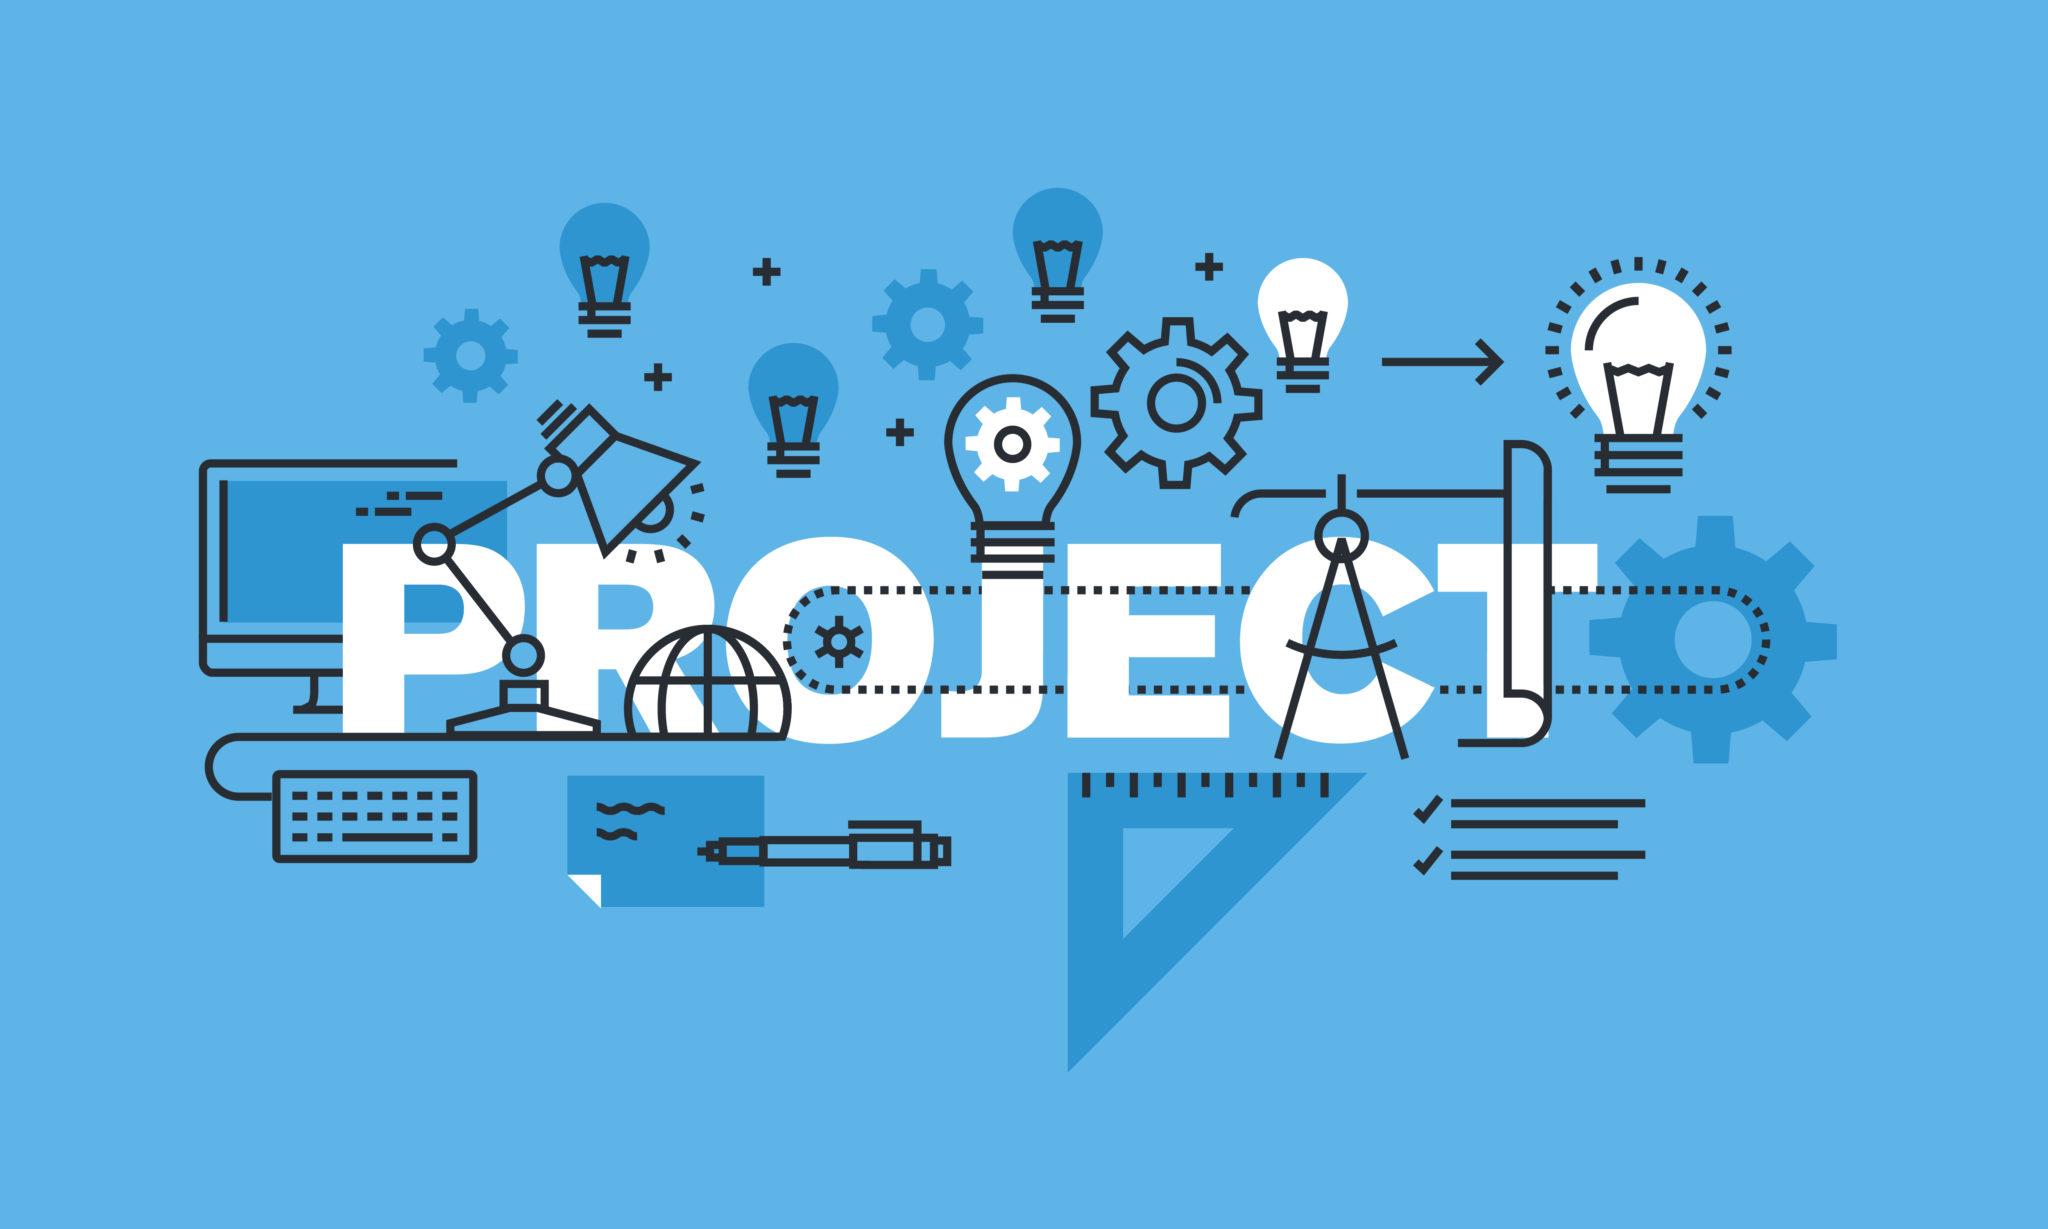 IT Project Management Software Market